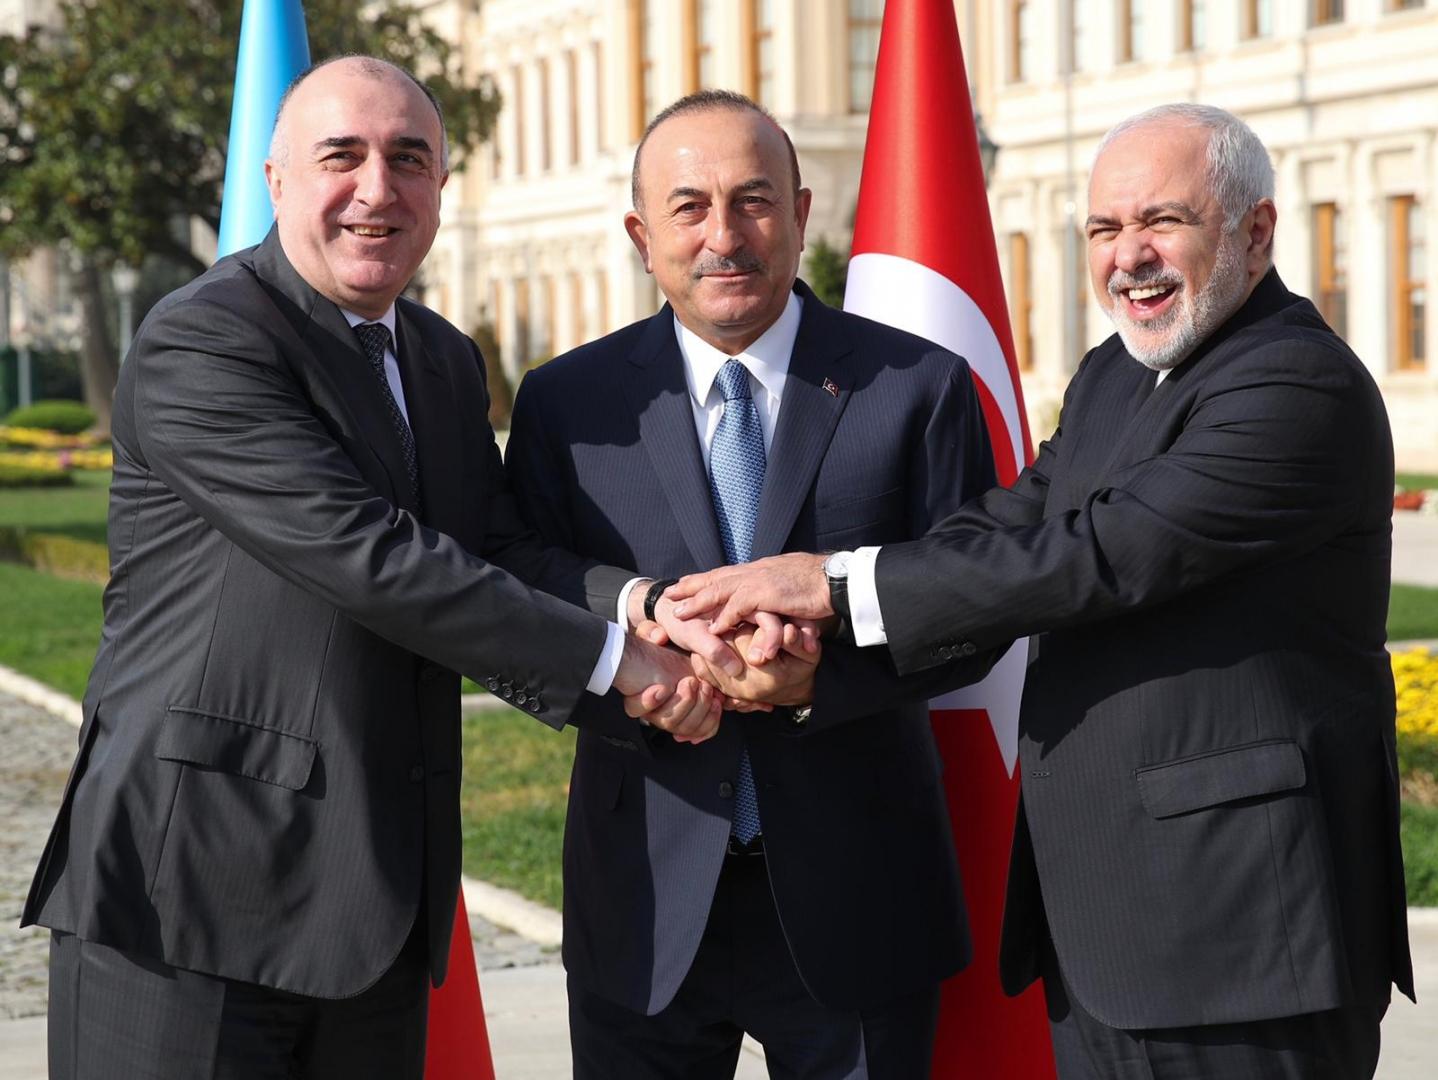 Нагорный Карабах: к чему готовится Тегеран